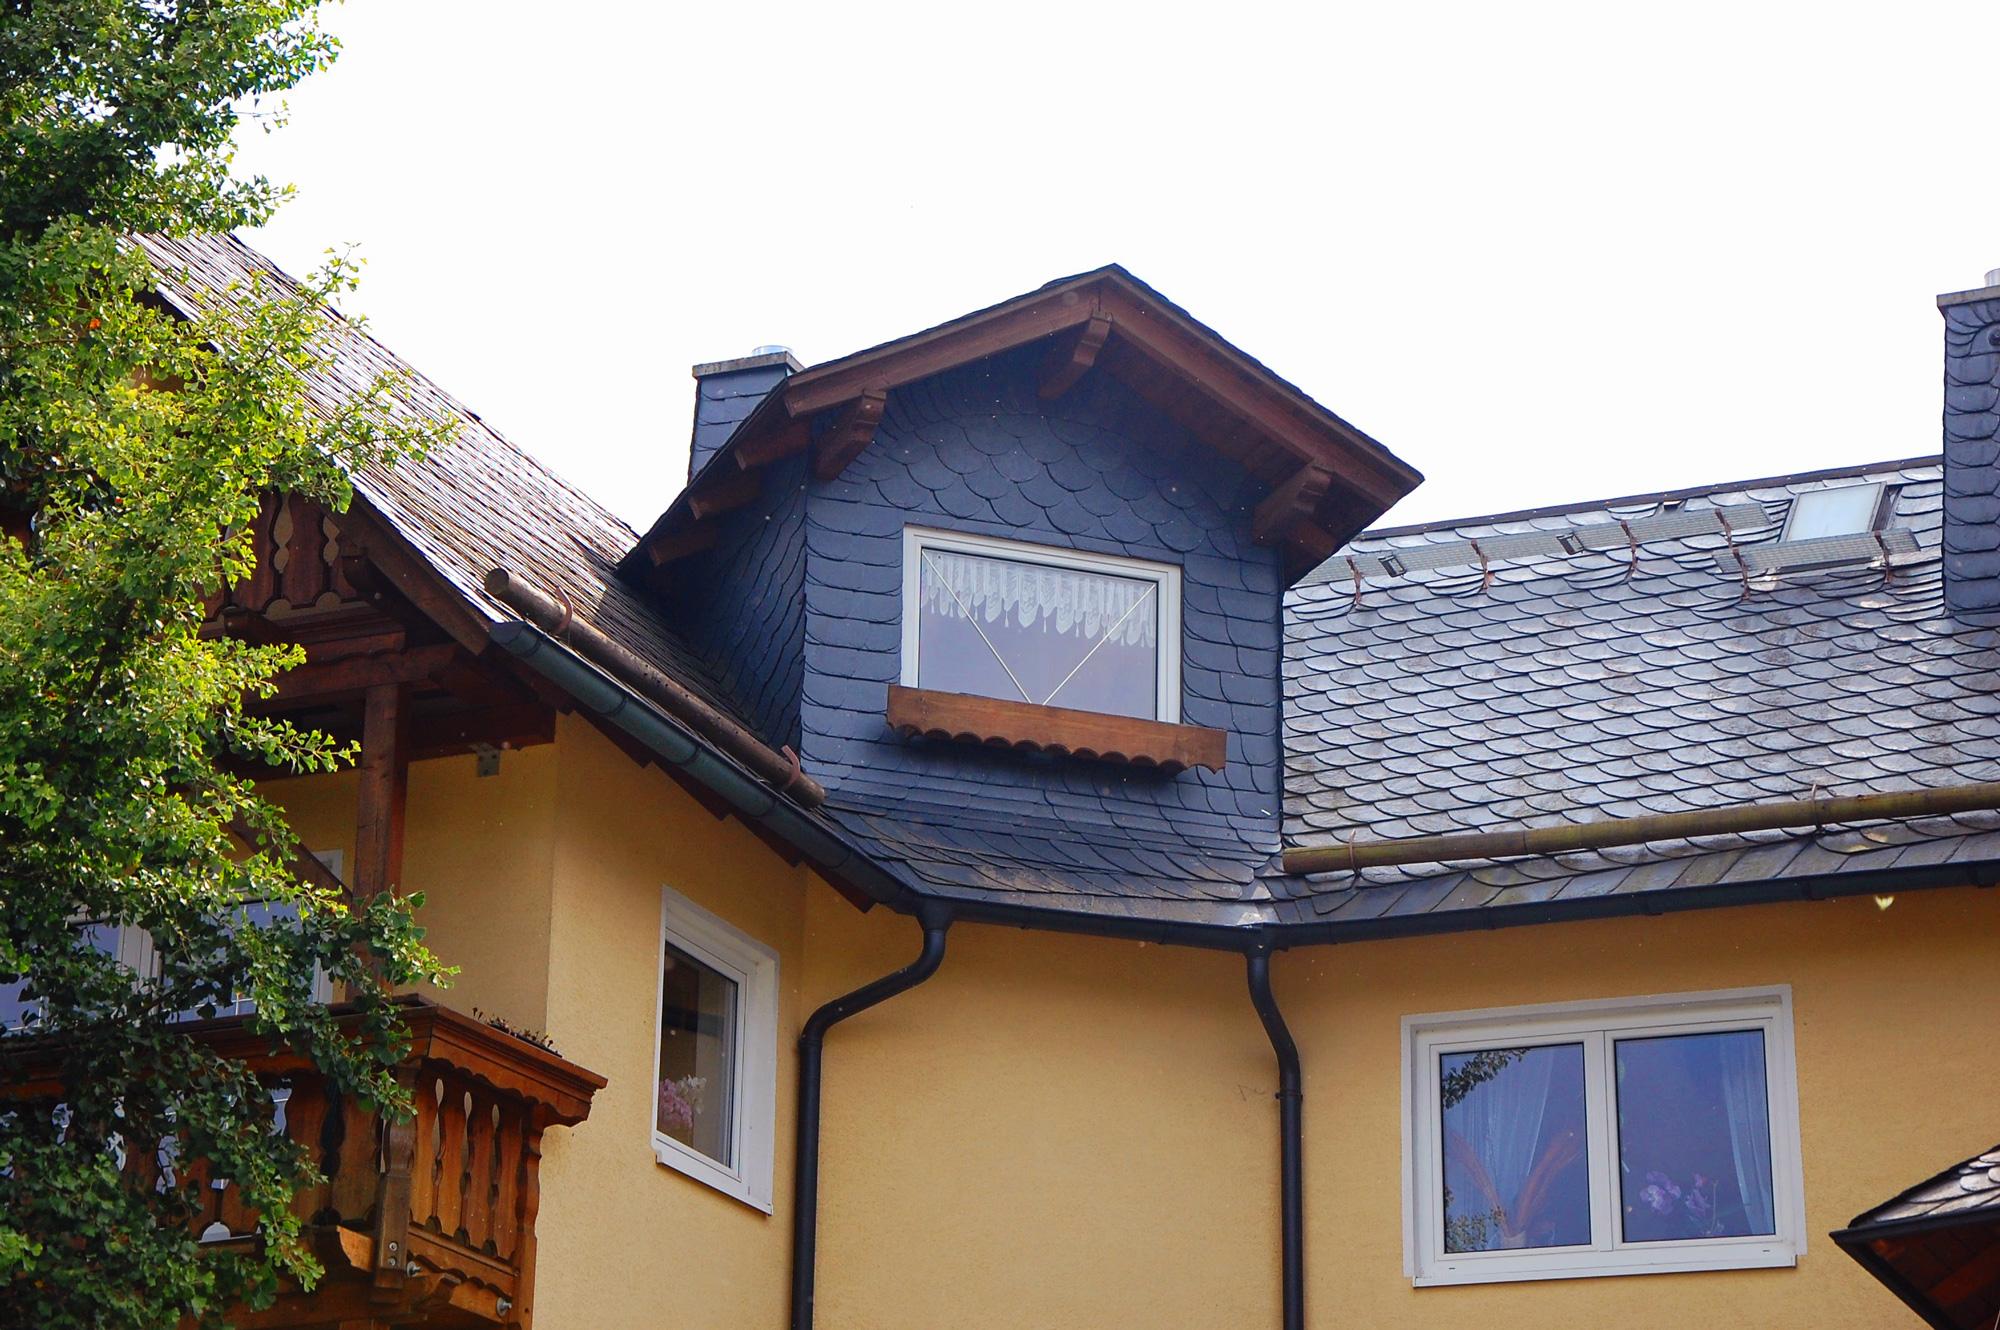 Naturschieferdach und Zimmererarbeiten, Harra, Saale-Orla-Kreis